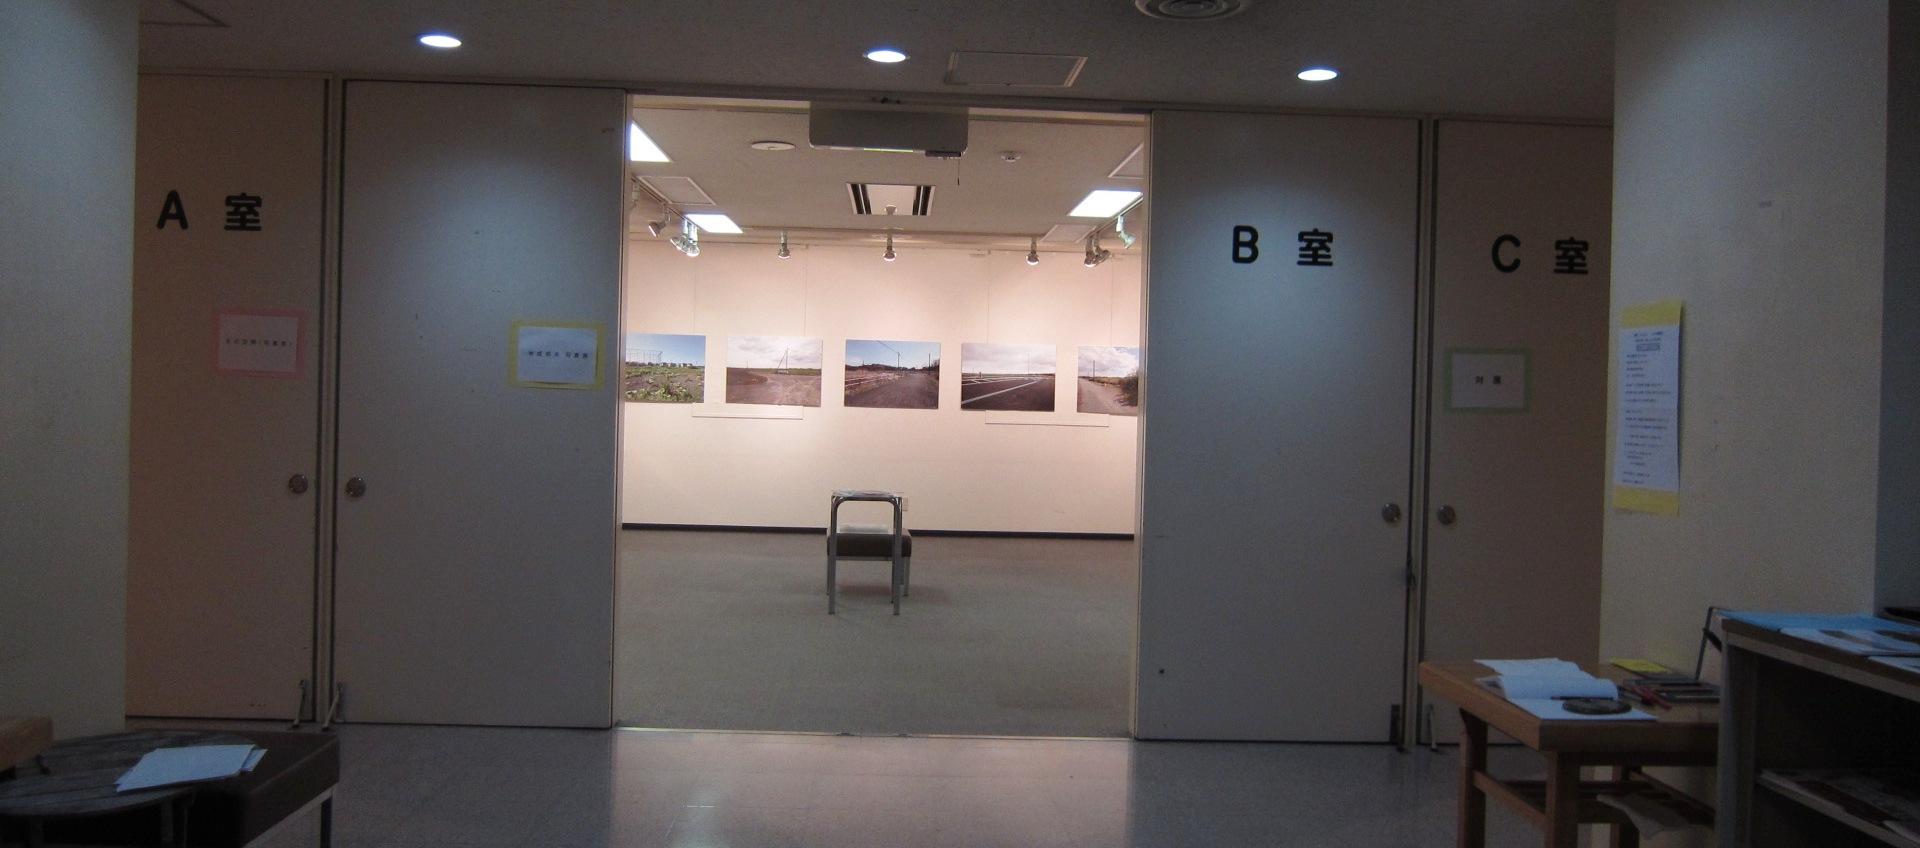 2526)⑦「群青後期『神成邦夫 写真展』」 アートスペース201 終了/2月4日(木)~2月9日(火)_f0126829_1838149.jpg